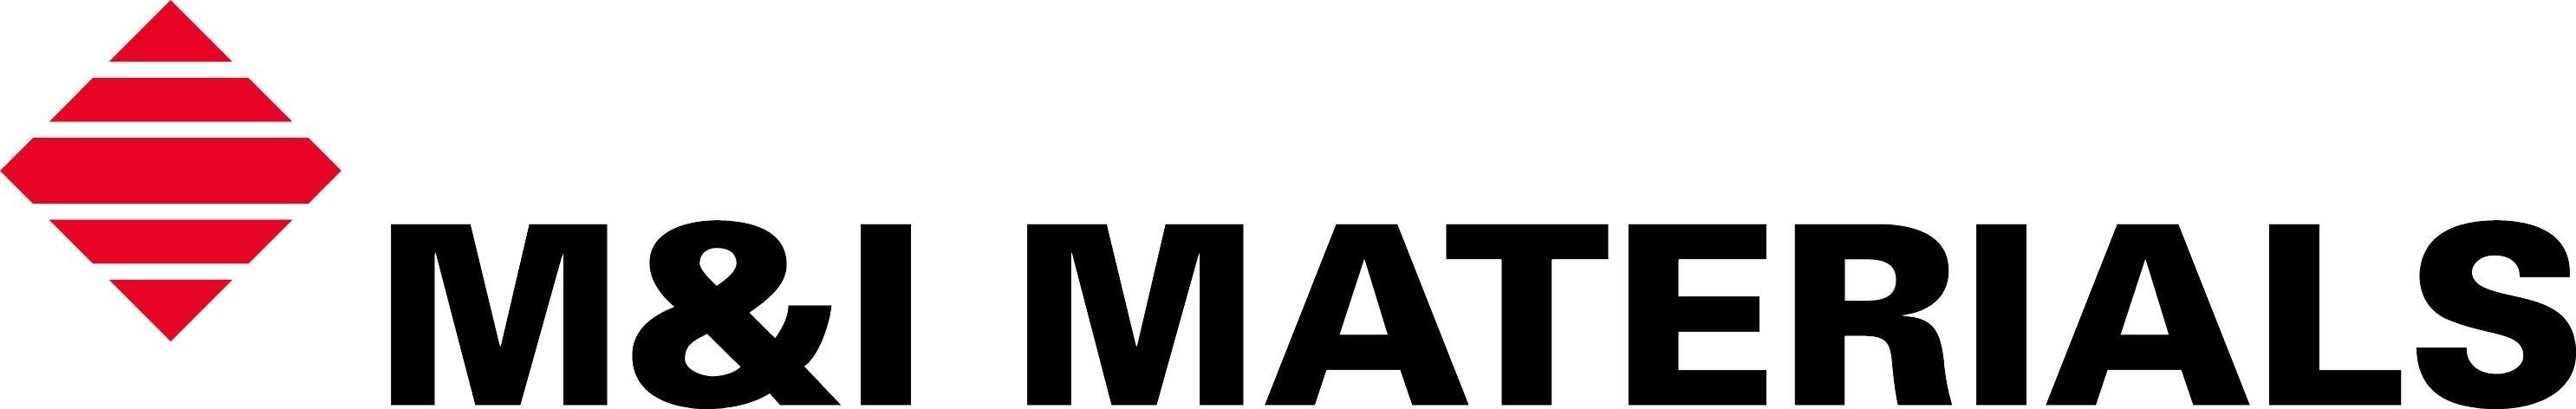 M&I Materials